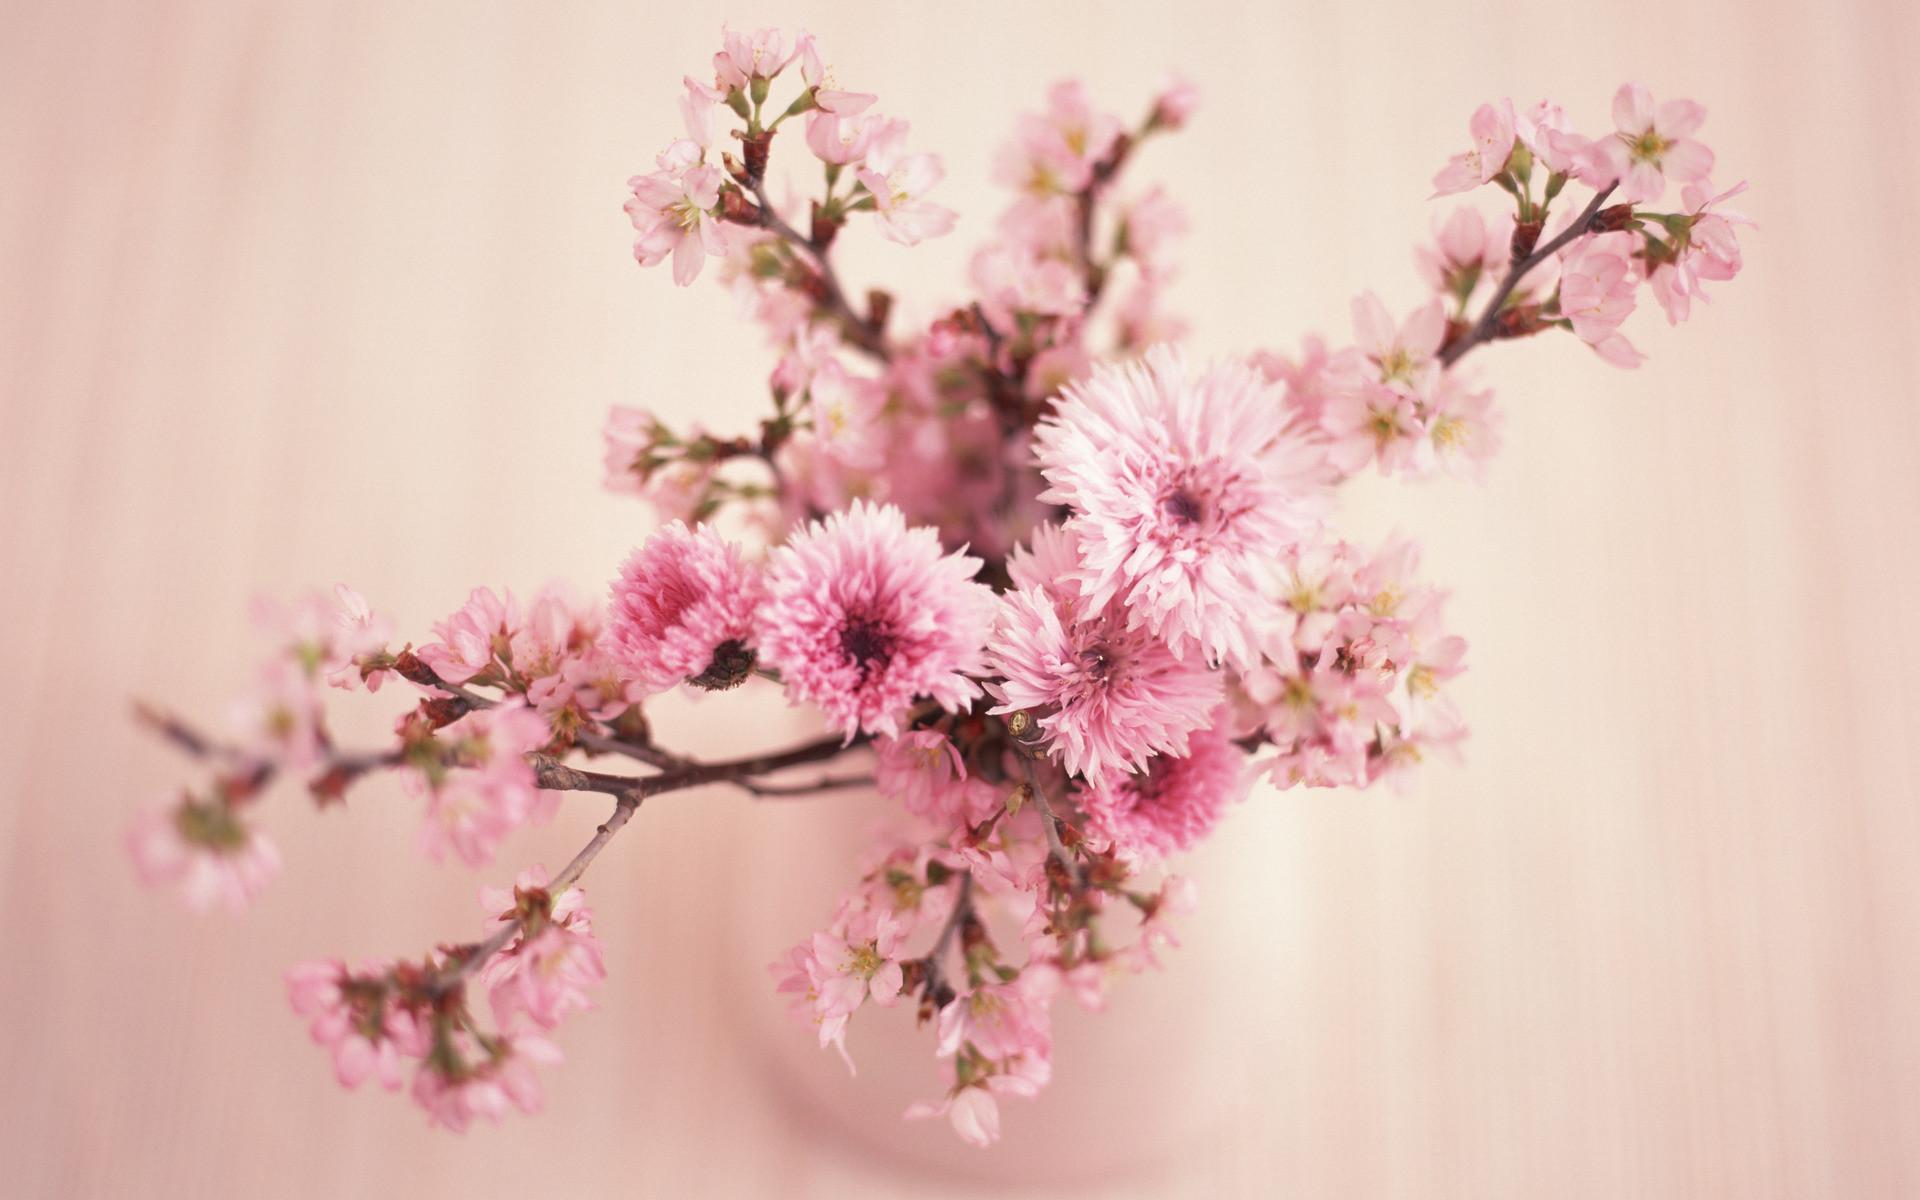 Pink Flowers   beauty wallpaper, flowers, pink flower   HD Desktop  Wallpapers